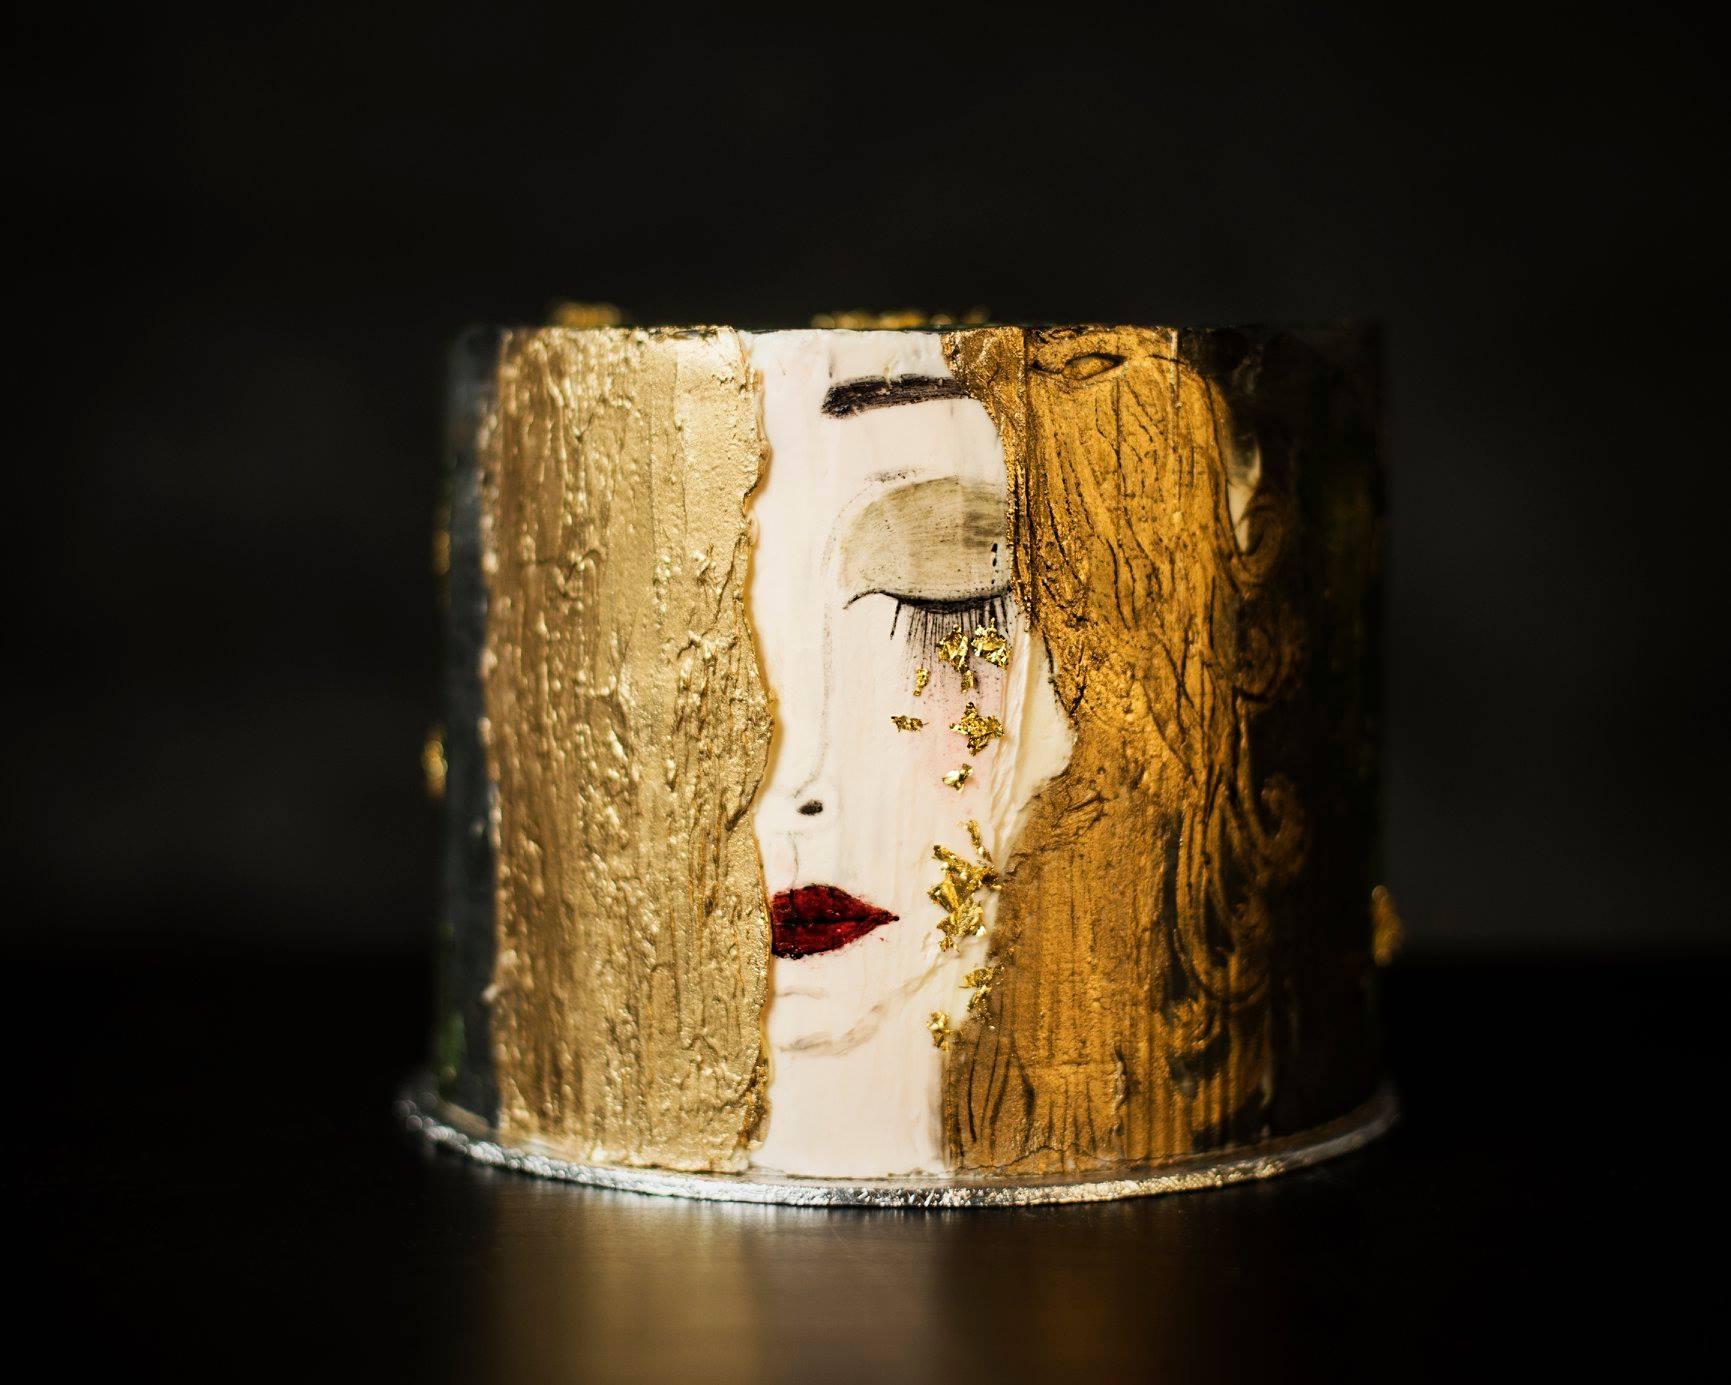 Vasas Nelli, az EAT ME Cake Boutique tulajdonosa, 2017 óta foglalkozik tortakészítéssel, csakis minőségi alapanyagokból, és ilyen menő tortákat készít!<br />@vasasnelli